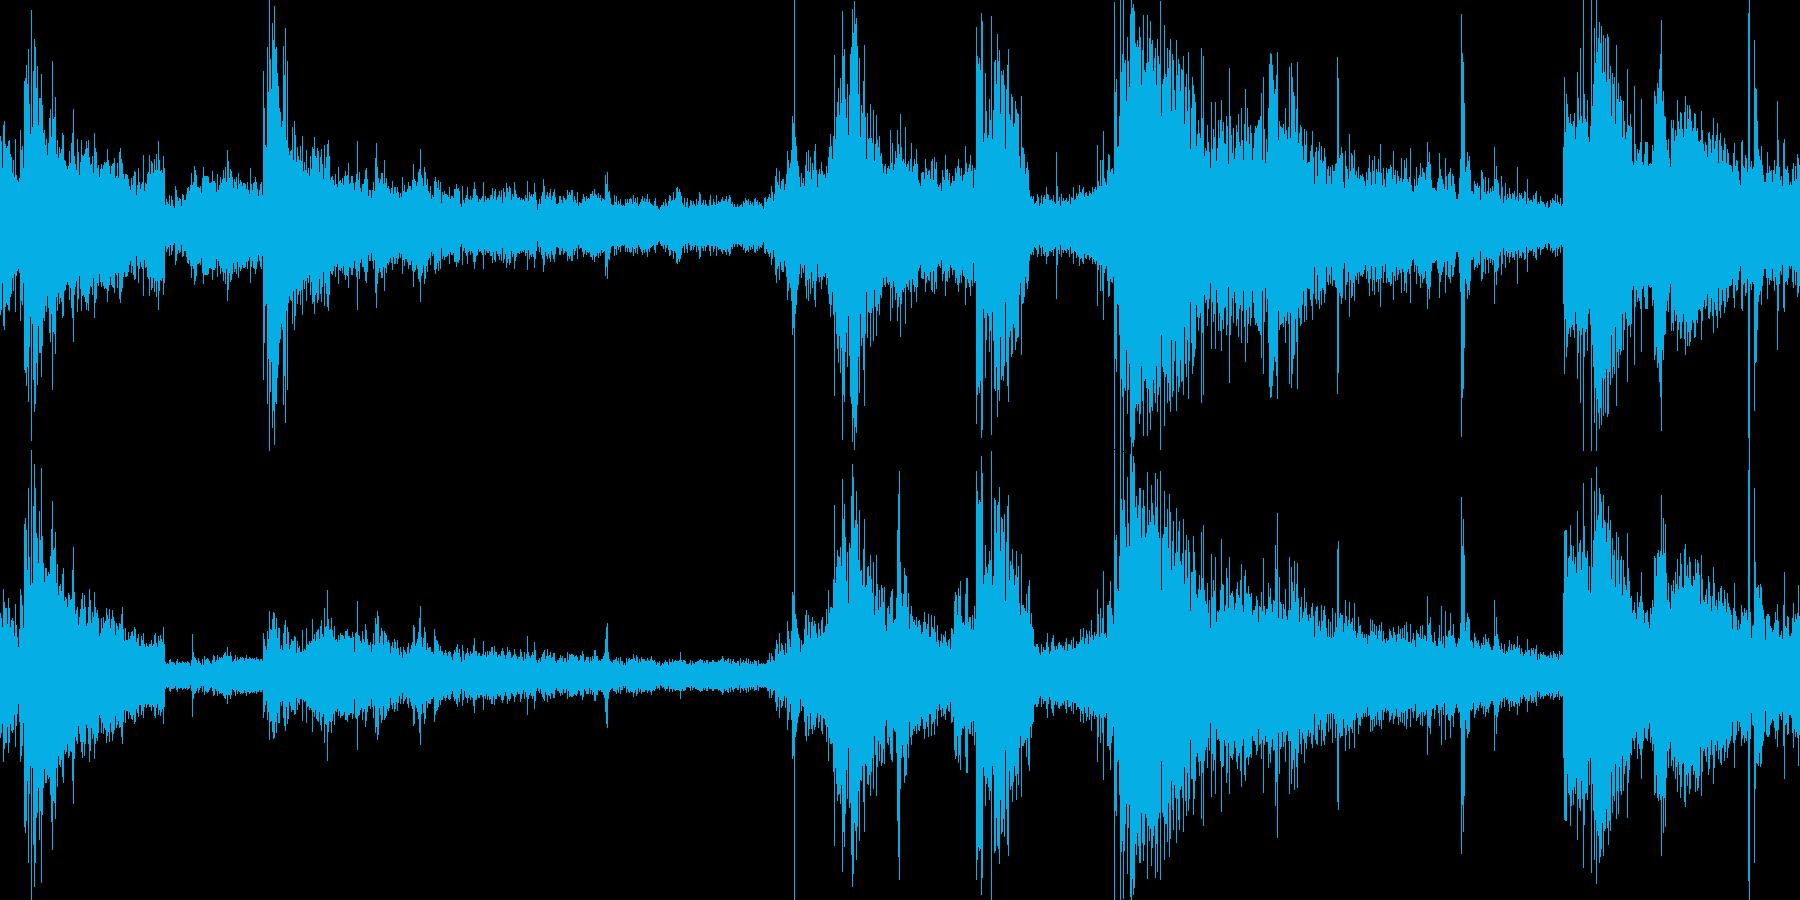 アラスカ 氷河崩落の音の再生済みの波形